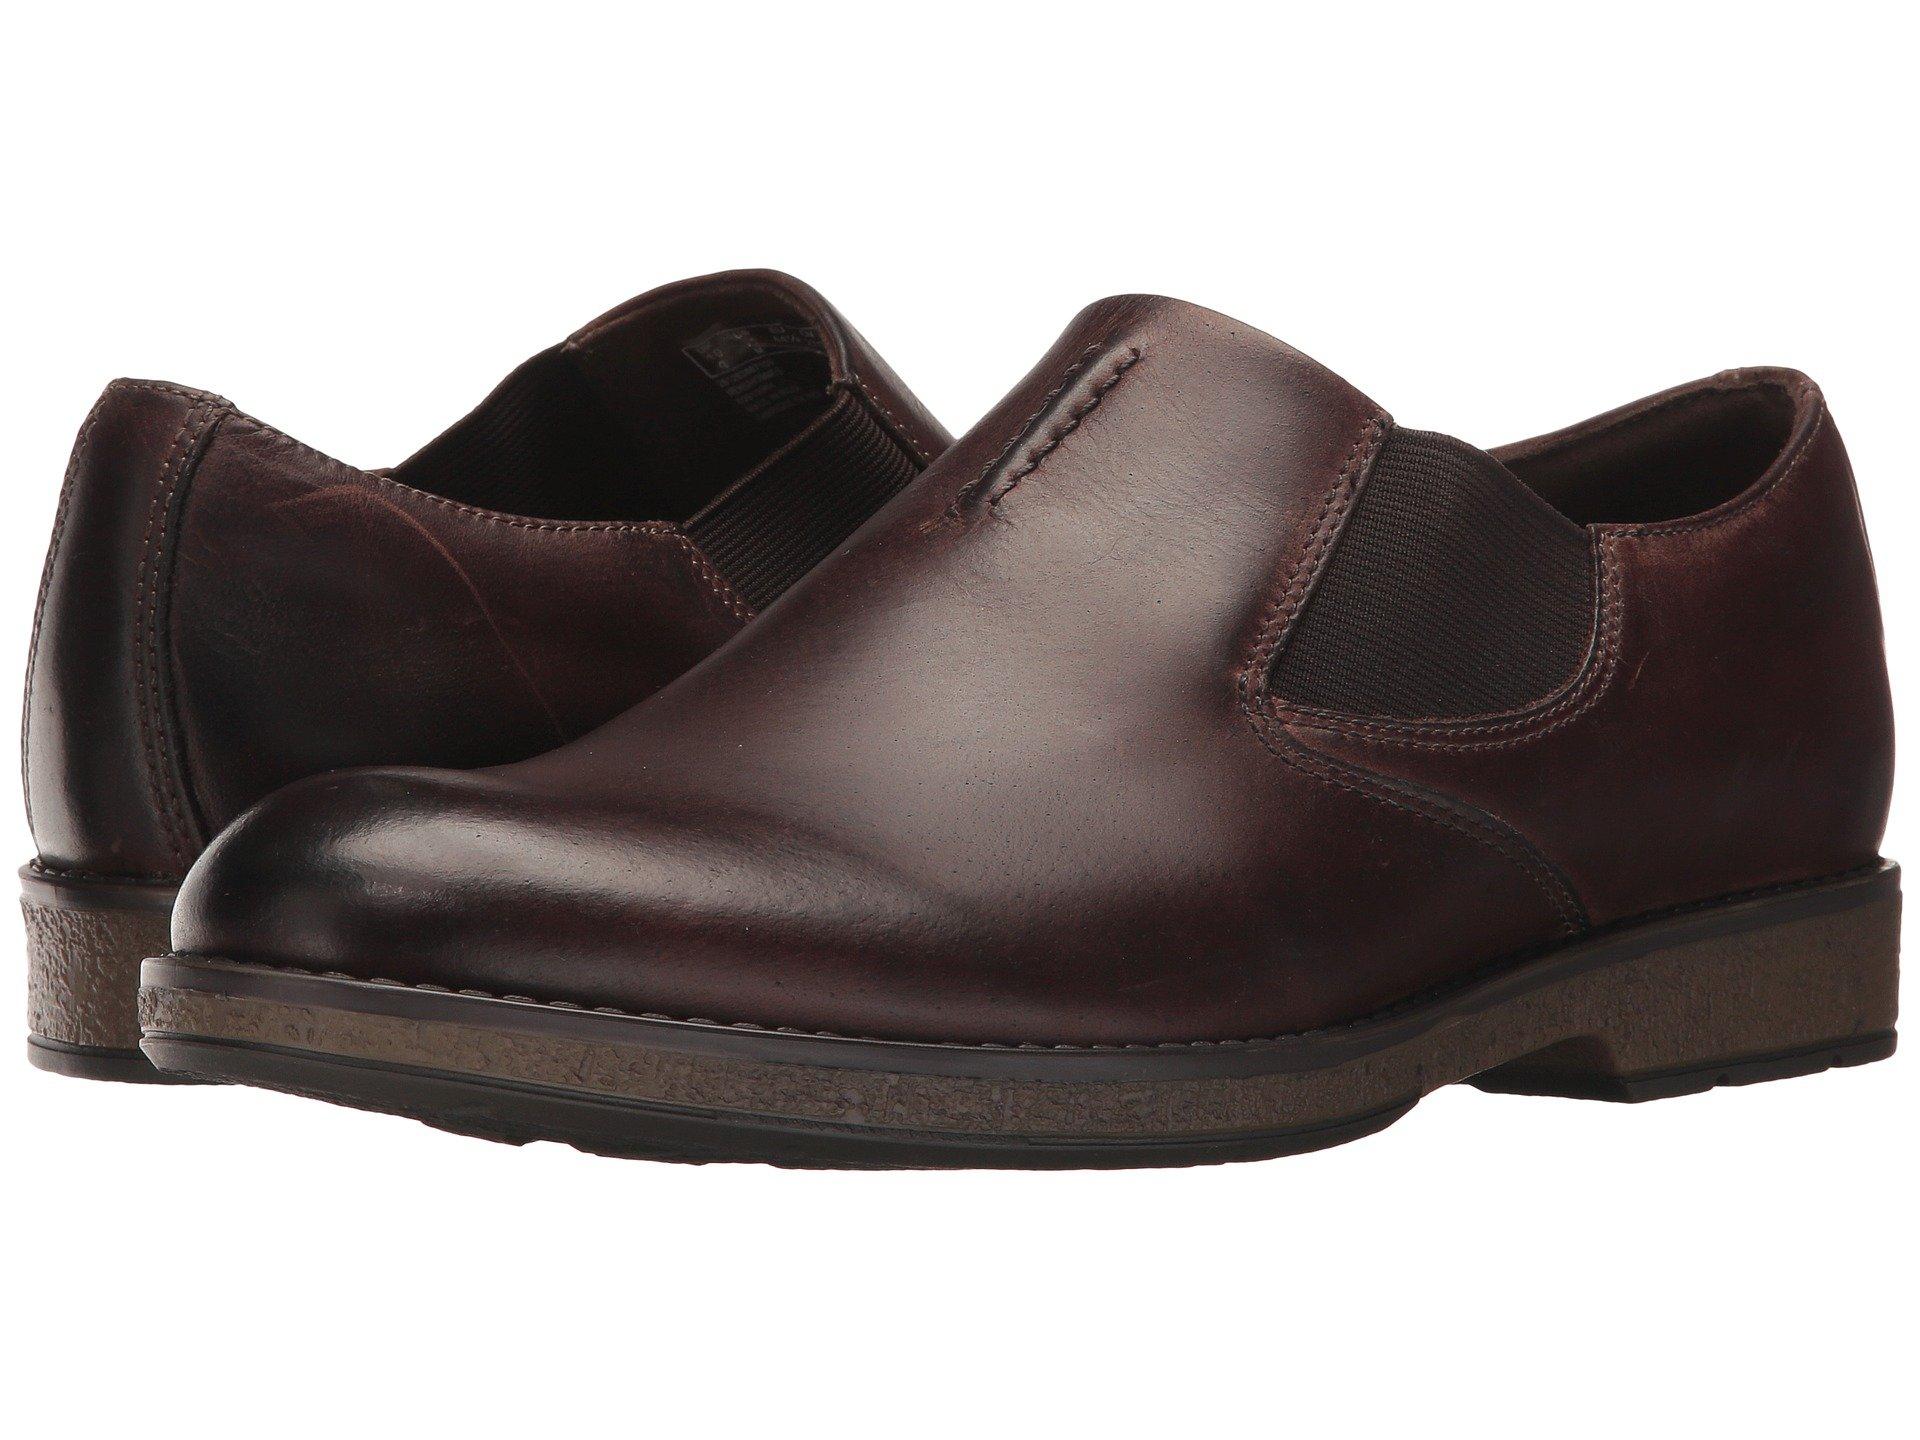 Giày Tây Nam Clarks Không Cột Dây Hinman Da Thật